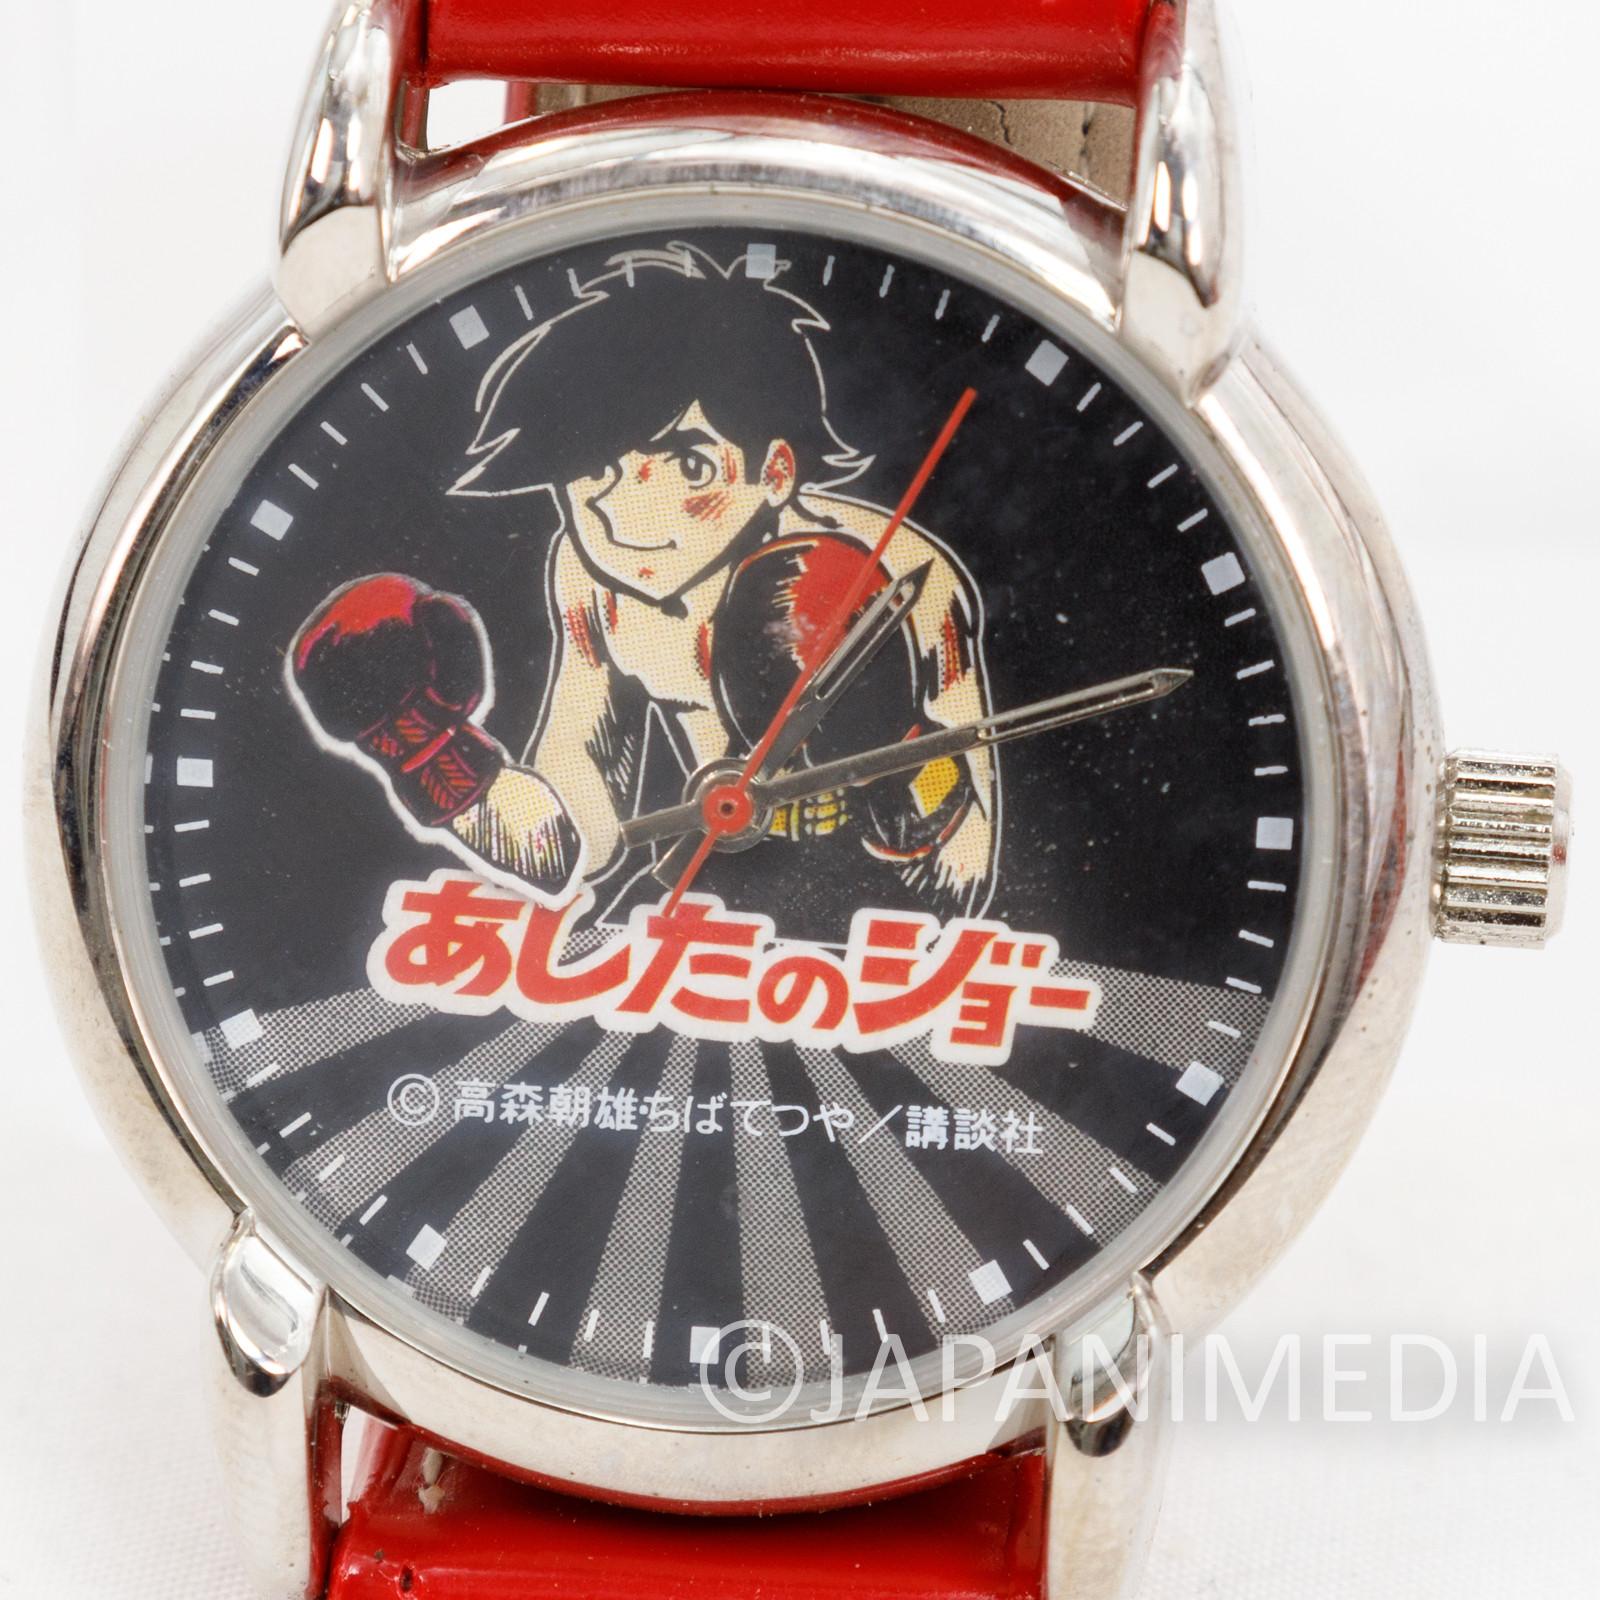 Ashita no Joe Yabuki Joe Hand-winding Wrist Watch Red JAPAN ANIME MANGA